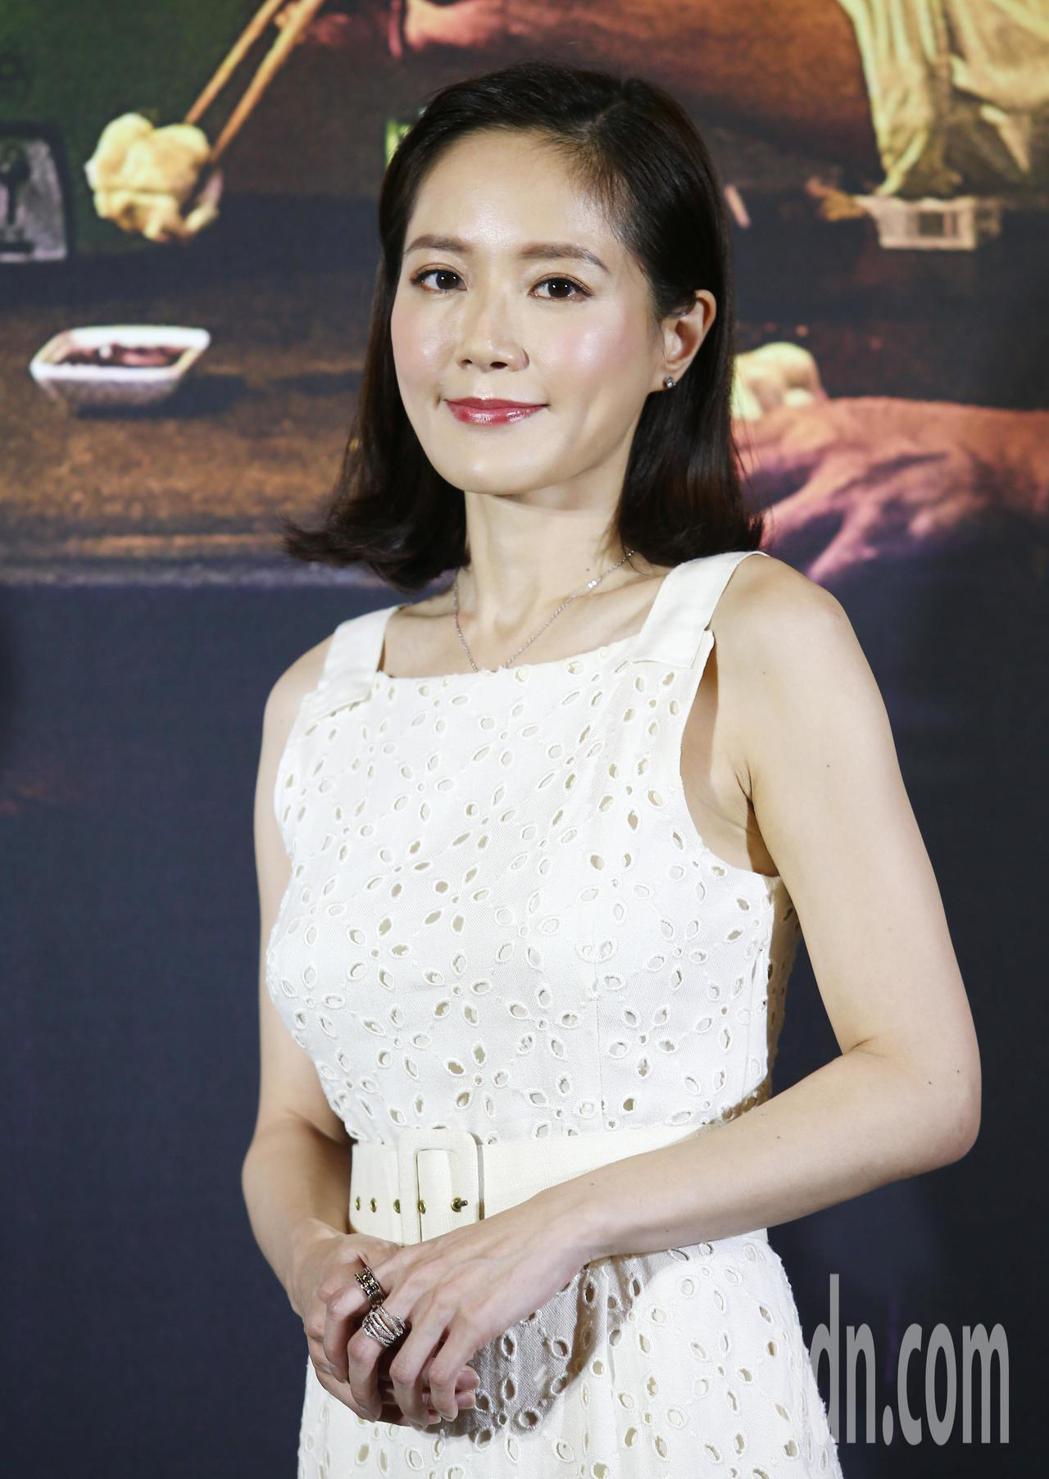 尹馨在受訪時表示,面對在只有演員的空間(導演躲起來)演床戲,感覺非常爽快,演員可...